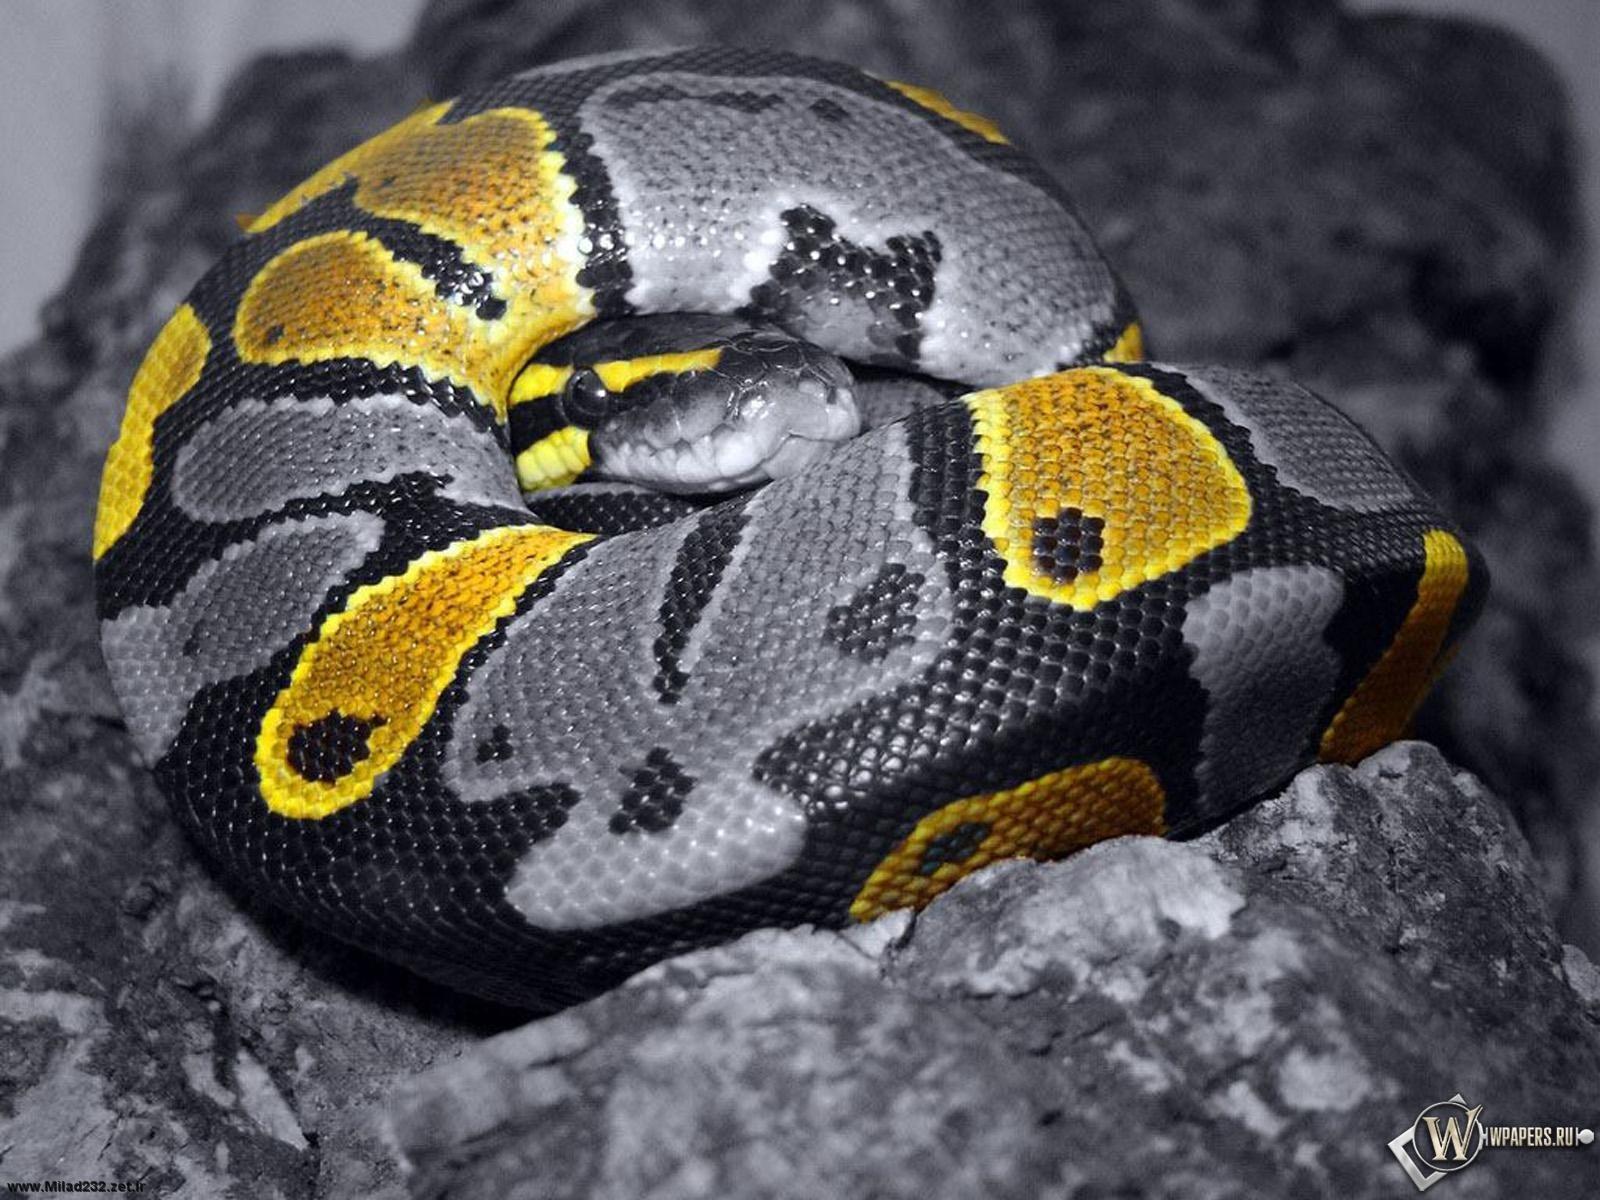 Серая Змея 1600x1200